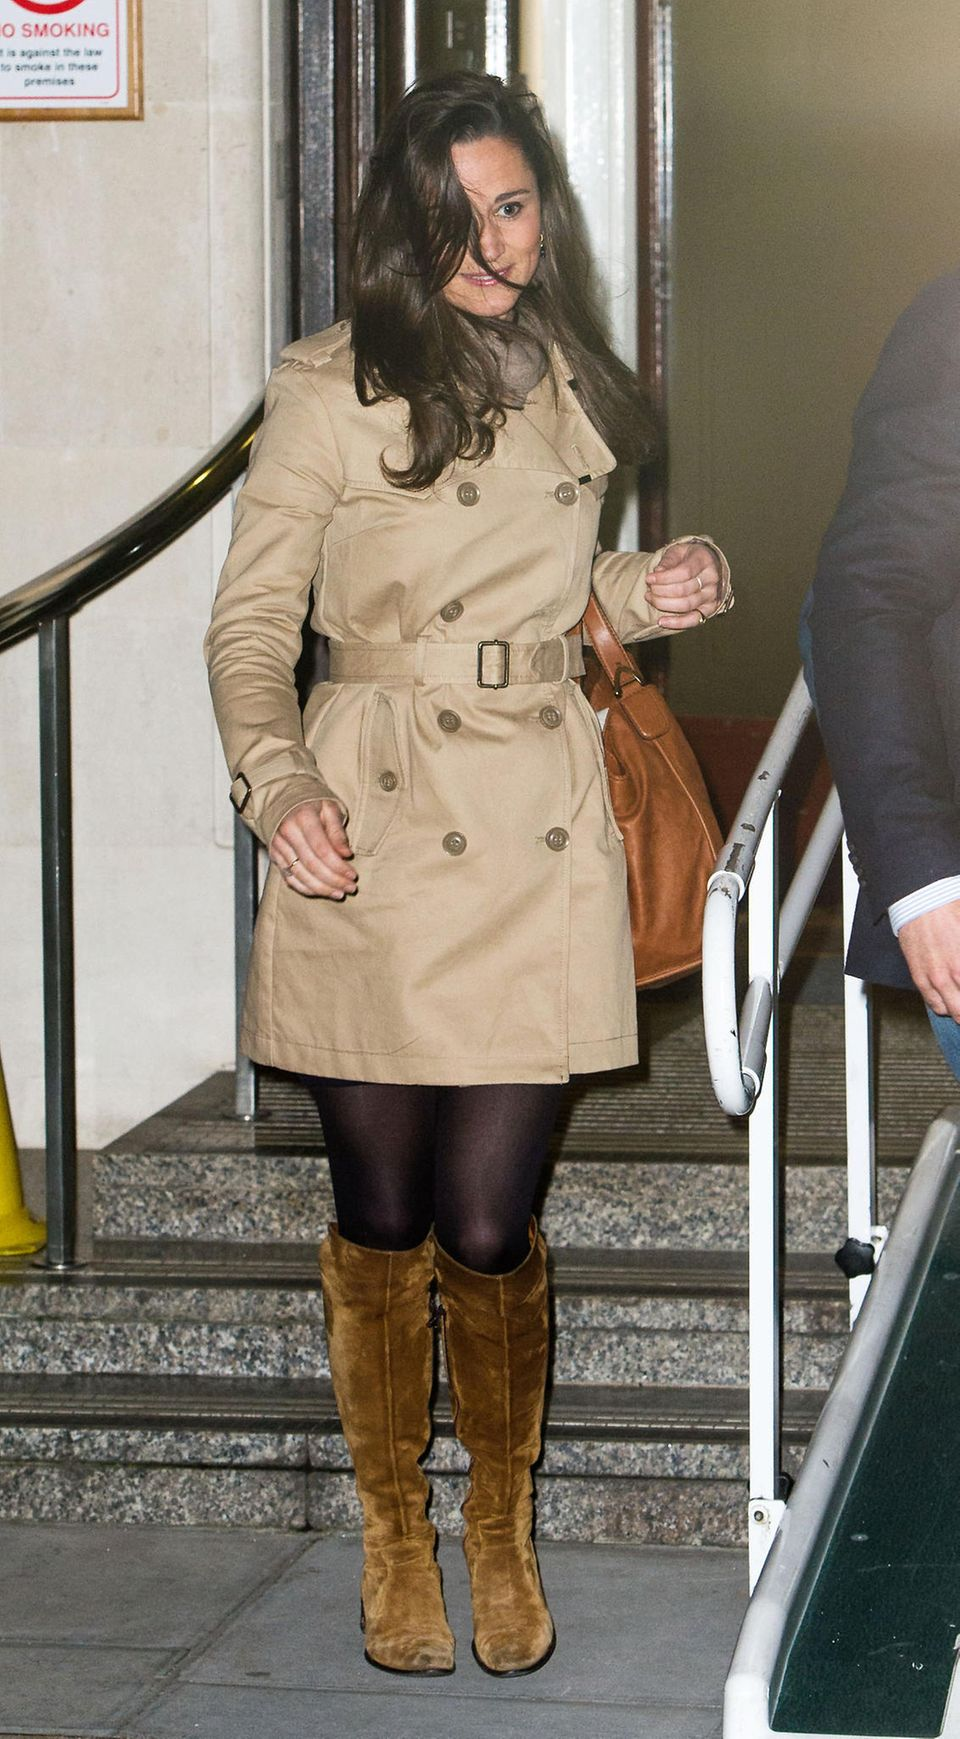 Auch ihre Schwester Pippa kann auf das klassische Trendstück nicht verzichten. Ähnlich wie ihre Schwester Kate, kombiniert sie die Jacke mit einer schwarzen Strumpfhose. Sie wählt jedoch Accessoires und Schuhe in der Farbe Cognac.